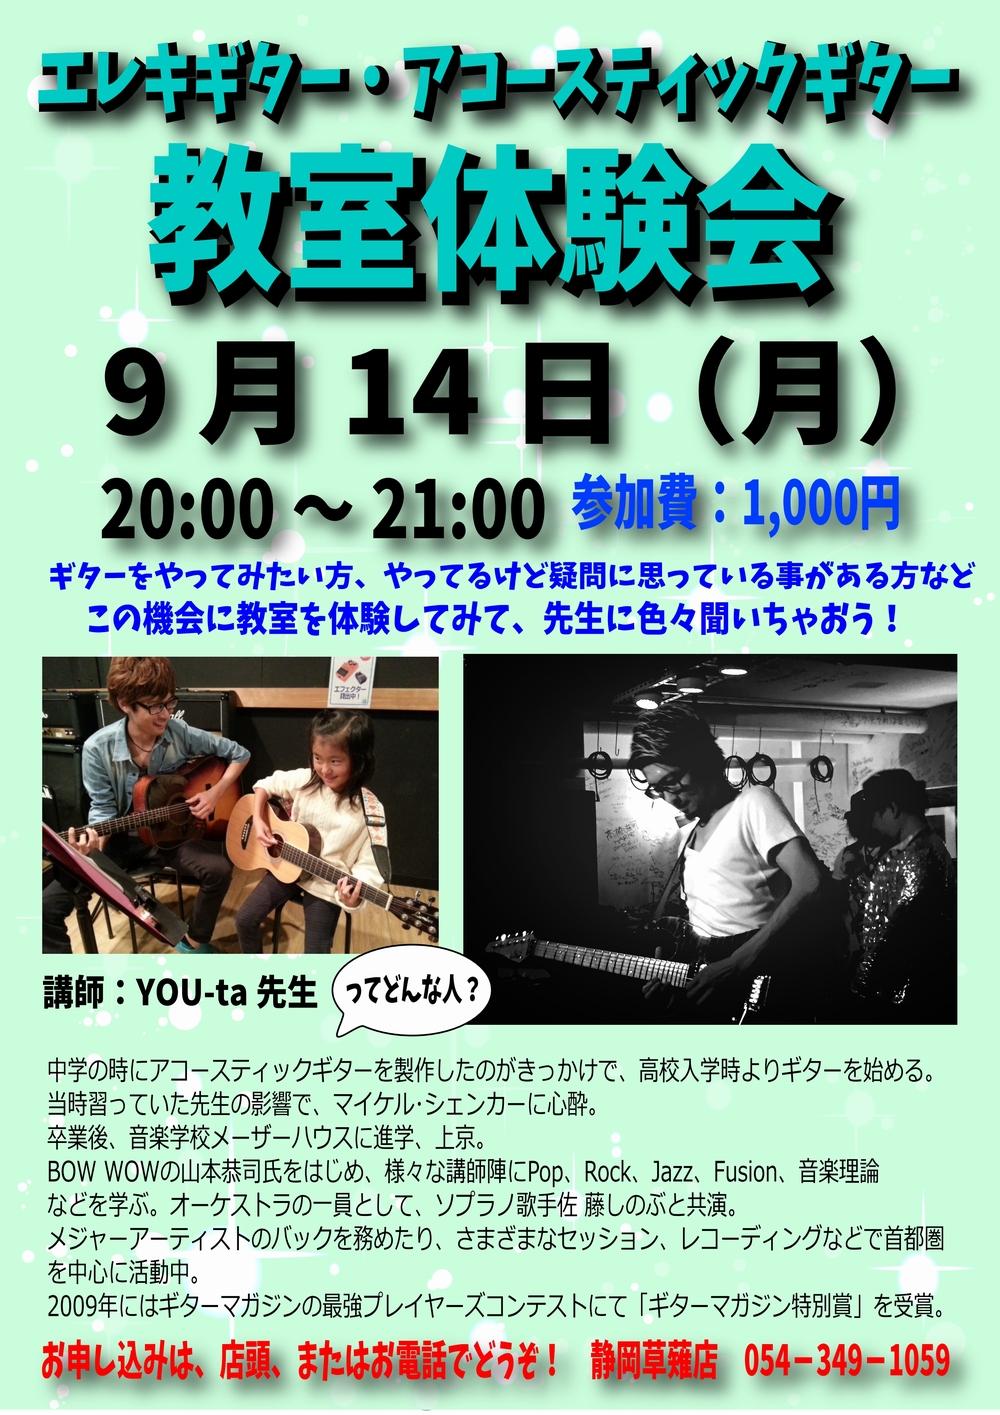 【教室体験会】エレキ&アコギ@音楽天国・静岡草薙店9月14日(月)開催